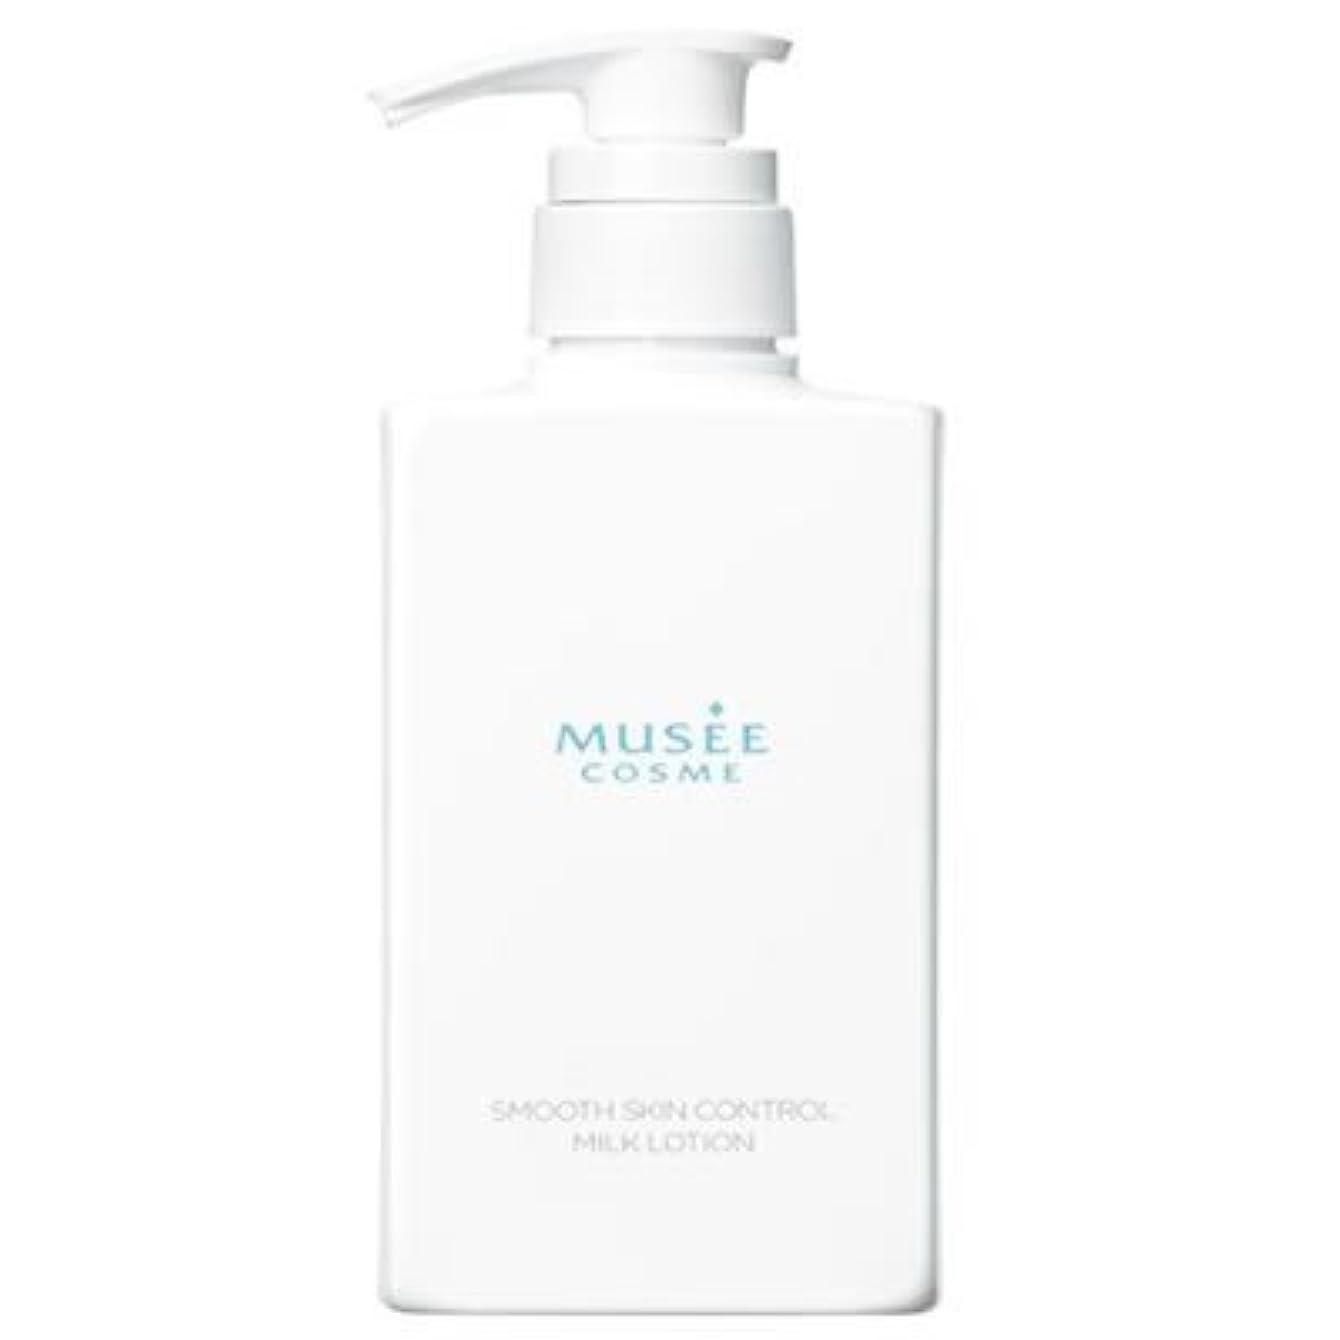 錆びれる理解するミュゼ 薬用スムーススキンコントロールミルクローション 300ml ホワイトジャスミンの香り [並行輸入品]